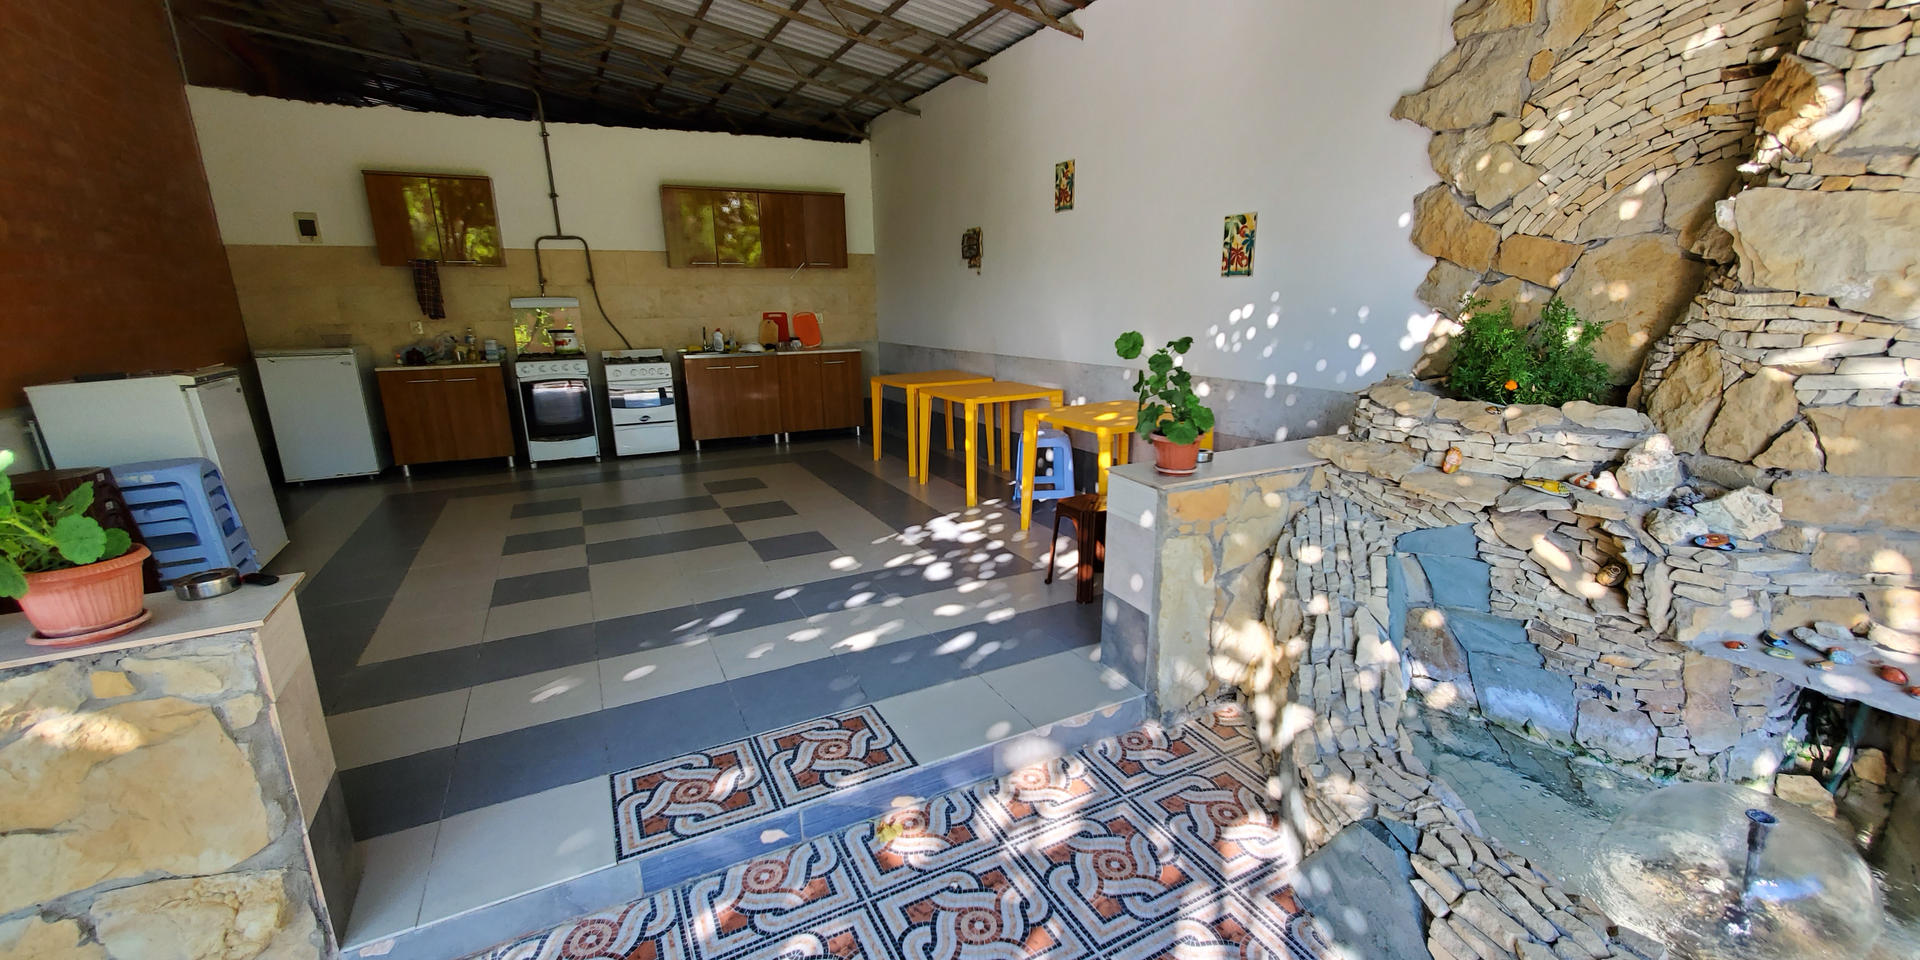 kitchen & dining area - 20200731_165400.